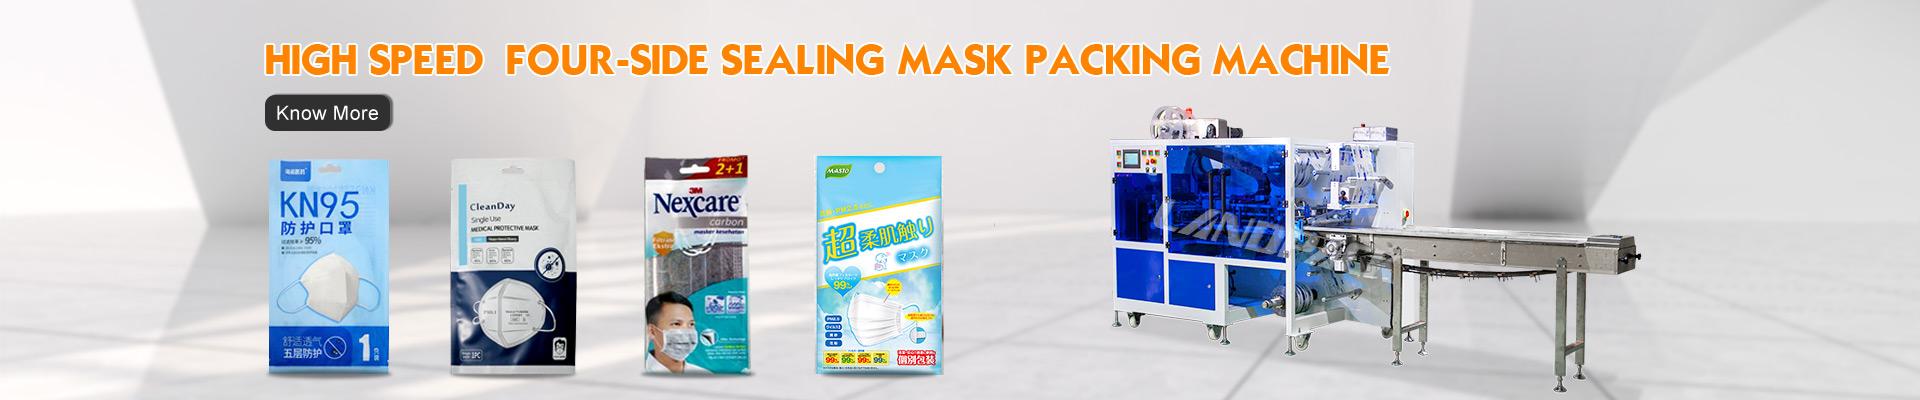 Masк Packing Machine